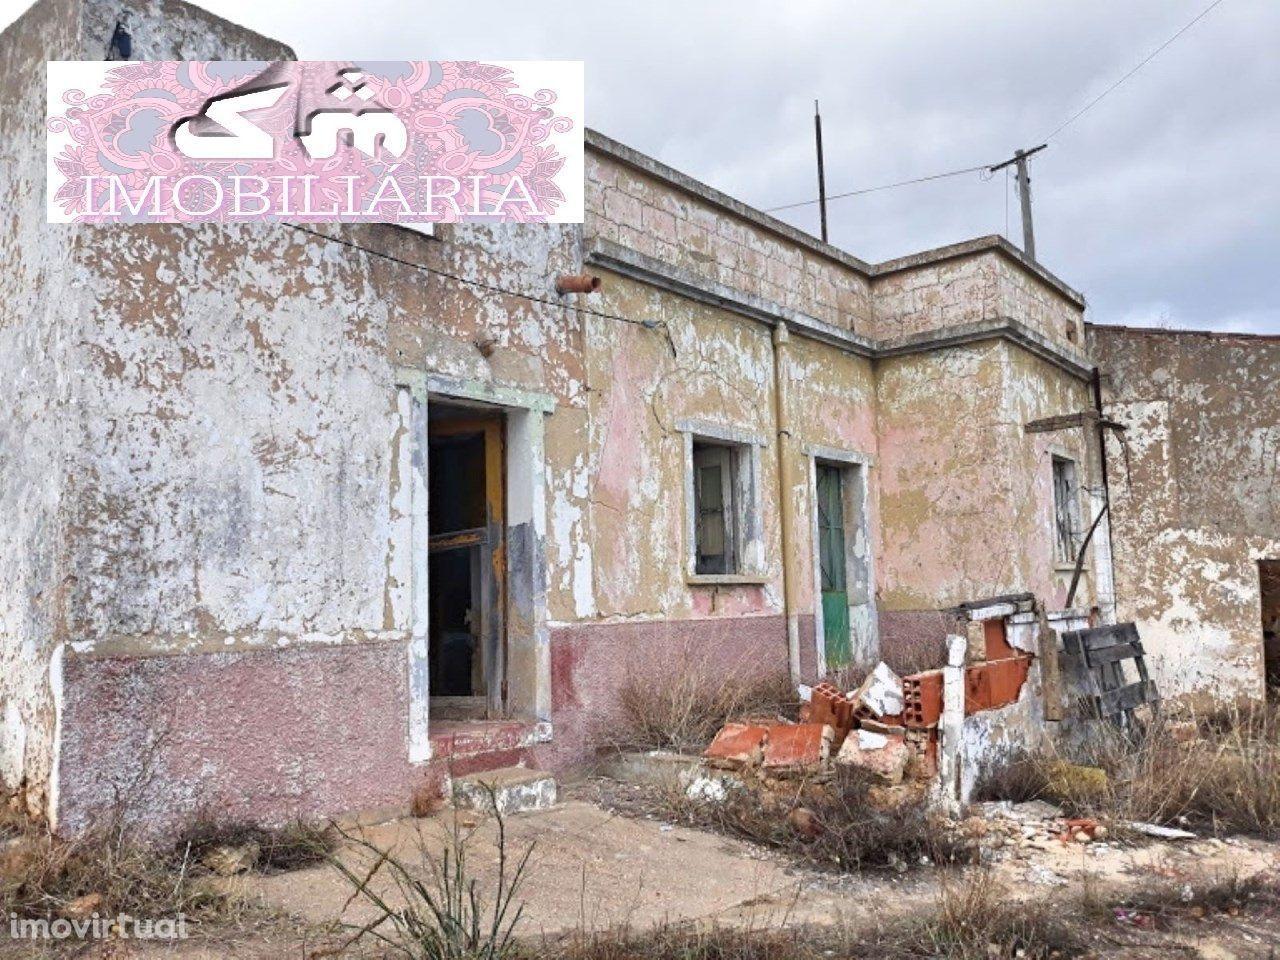 Terreno Urbano com projecto para Moradia V3, Em Quelfes